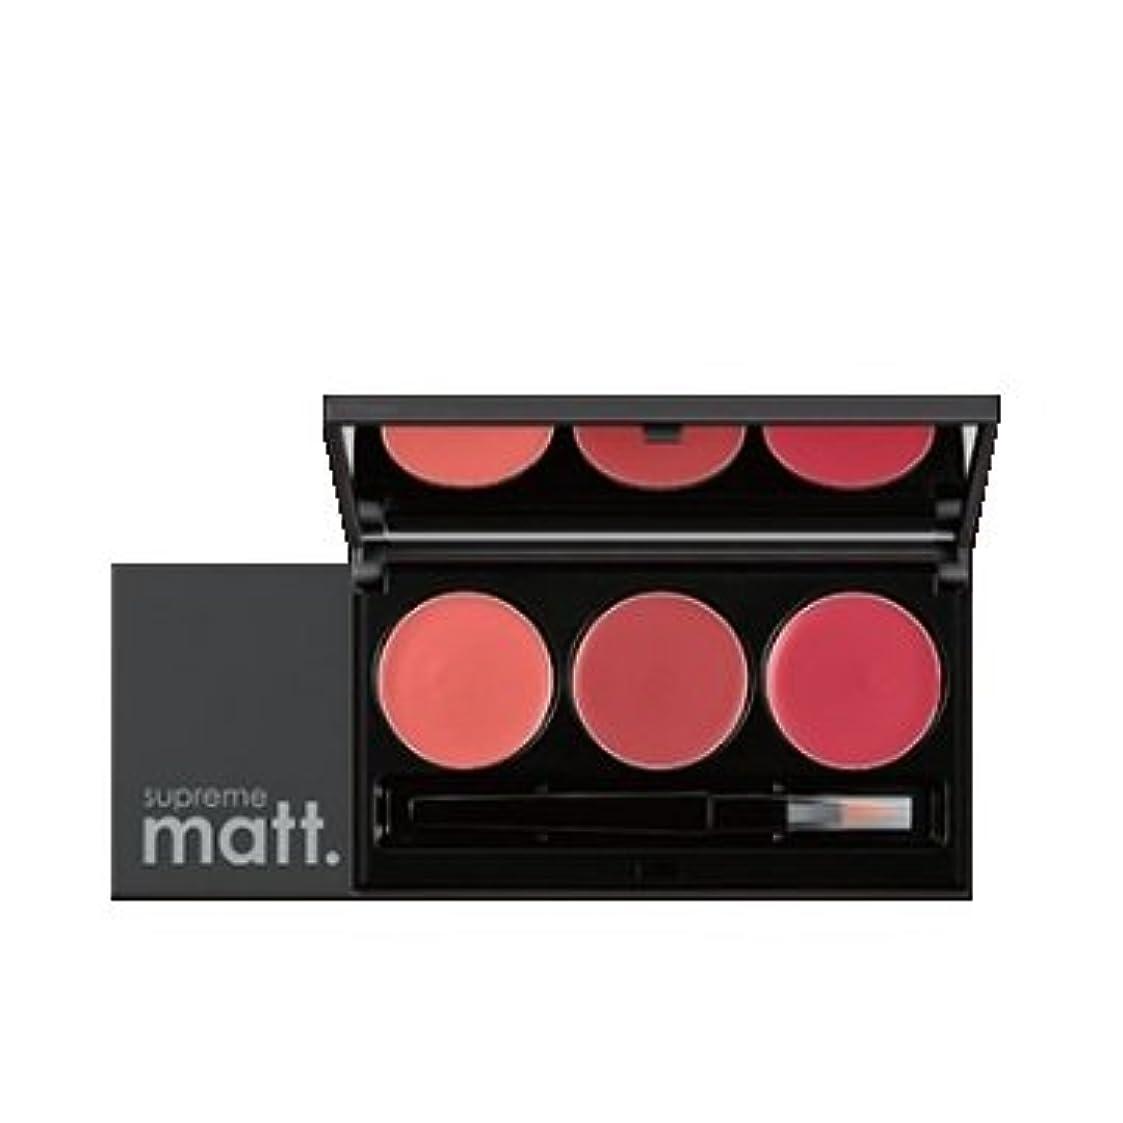 ダイヤル背骨アート[サンプル] MISSHA Supreme Matt Lip Rouge Lip Palette / ミシャ シュープリームマットリップルージュリップパレット [並行輸入品]